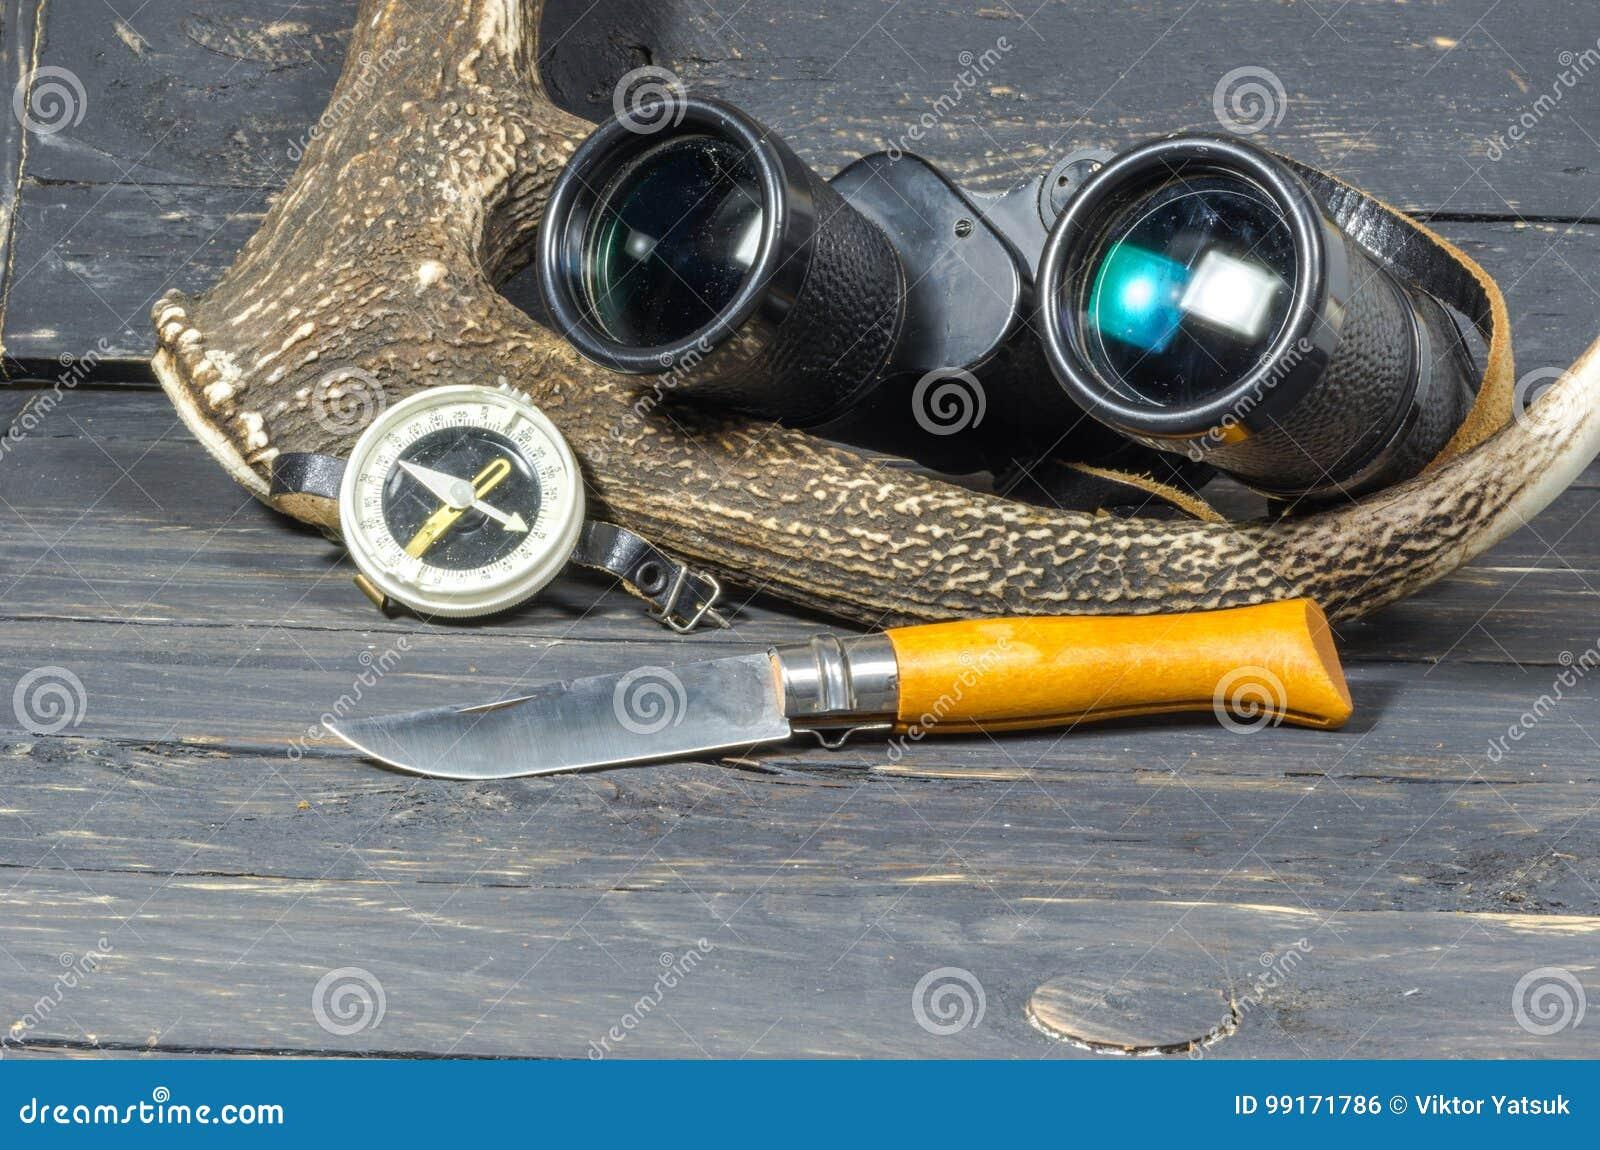 Zubehör für die jagd ferngläser ein messer und ein kompass liegen